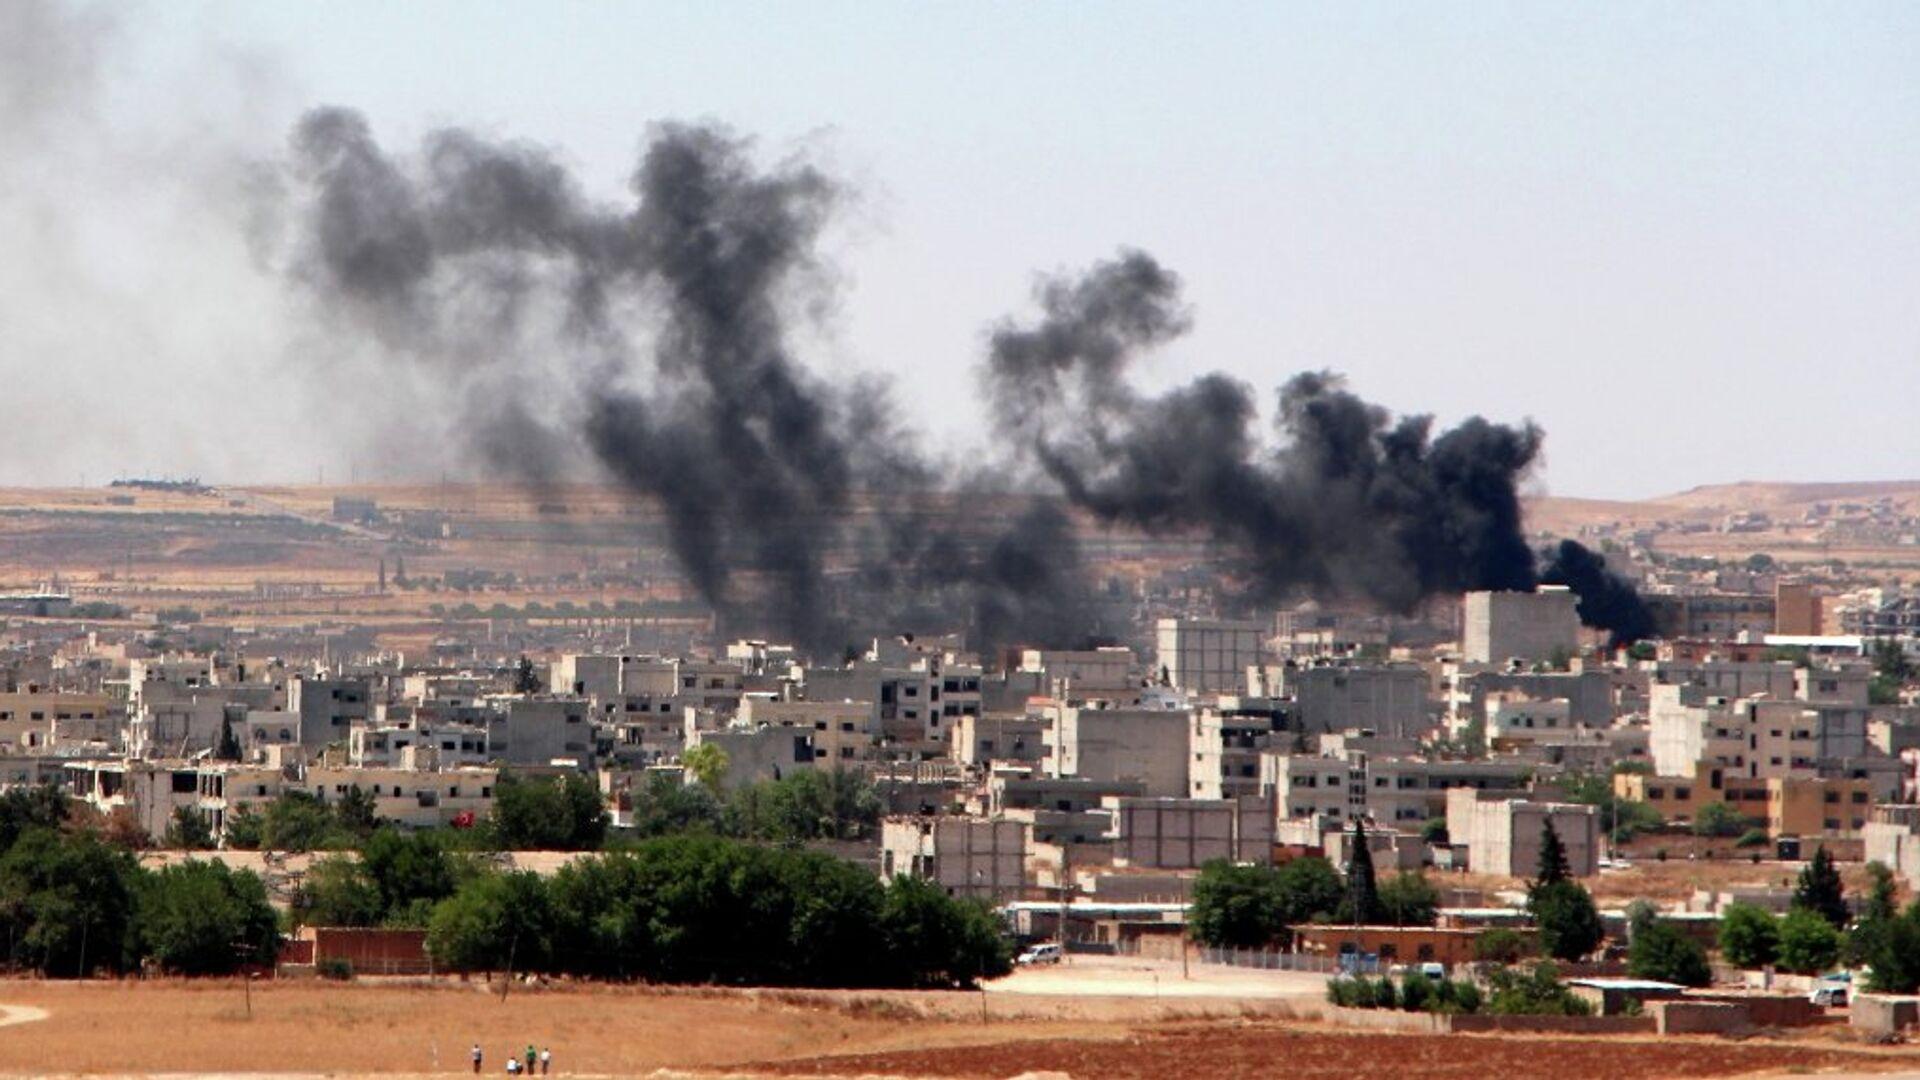 Ankara ha dato il via a una serie di raid aerei contro postazioni di gruppi jihadisti in Siria. - Sputnik Italia, 1920, 26.07.2021